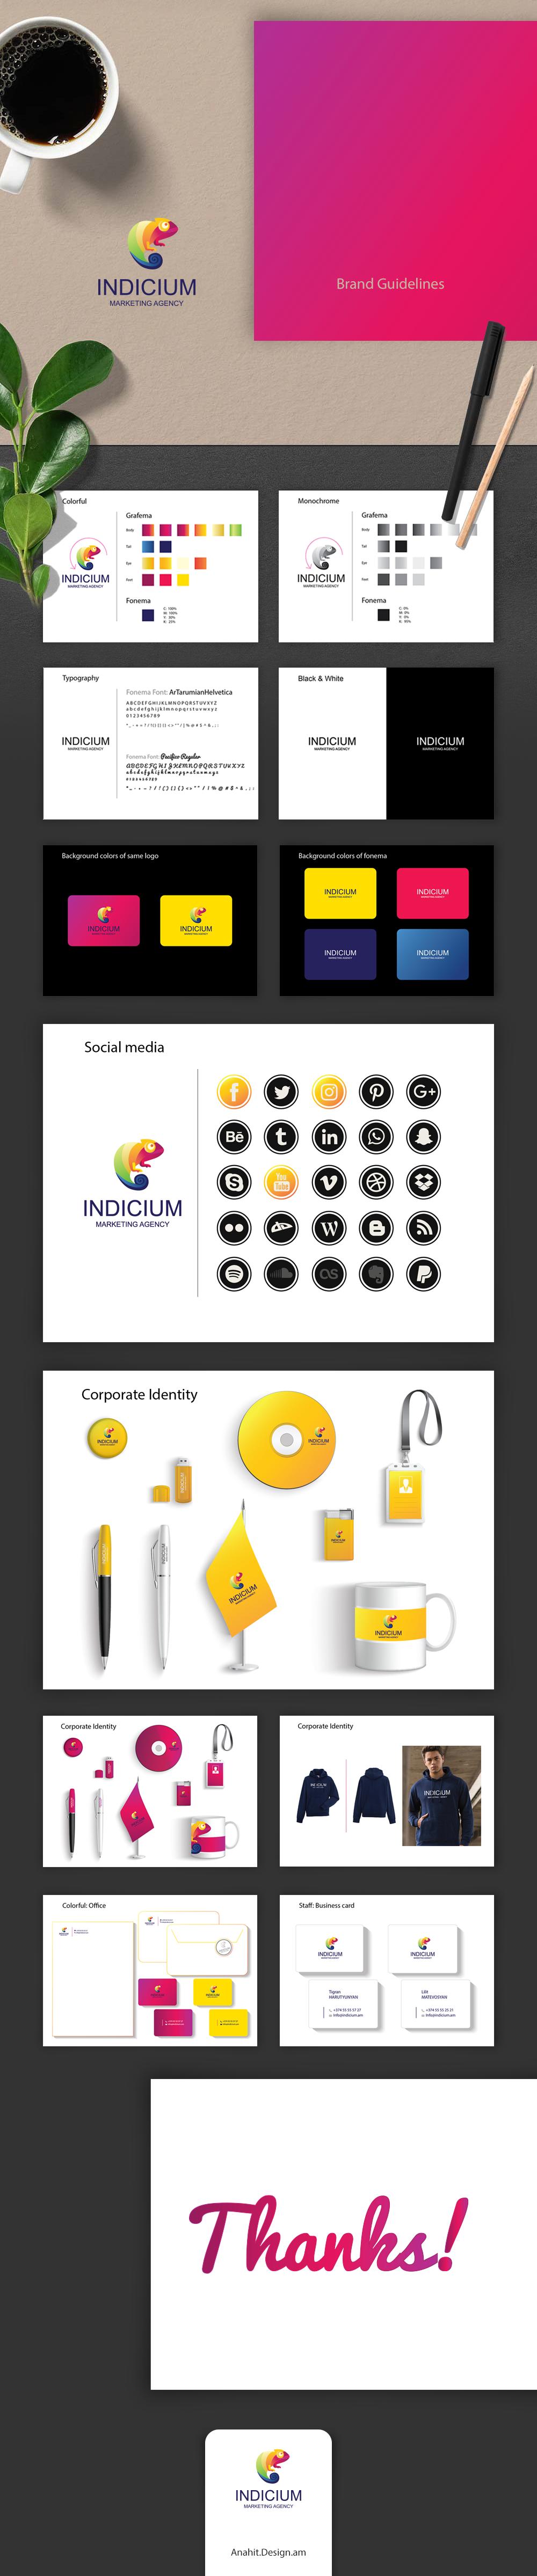 Indicum_1